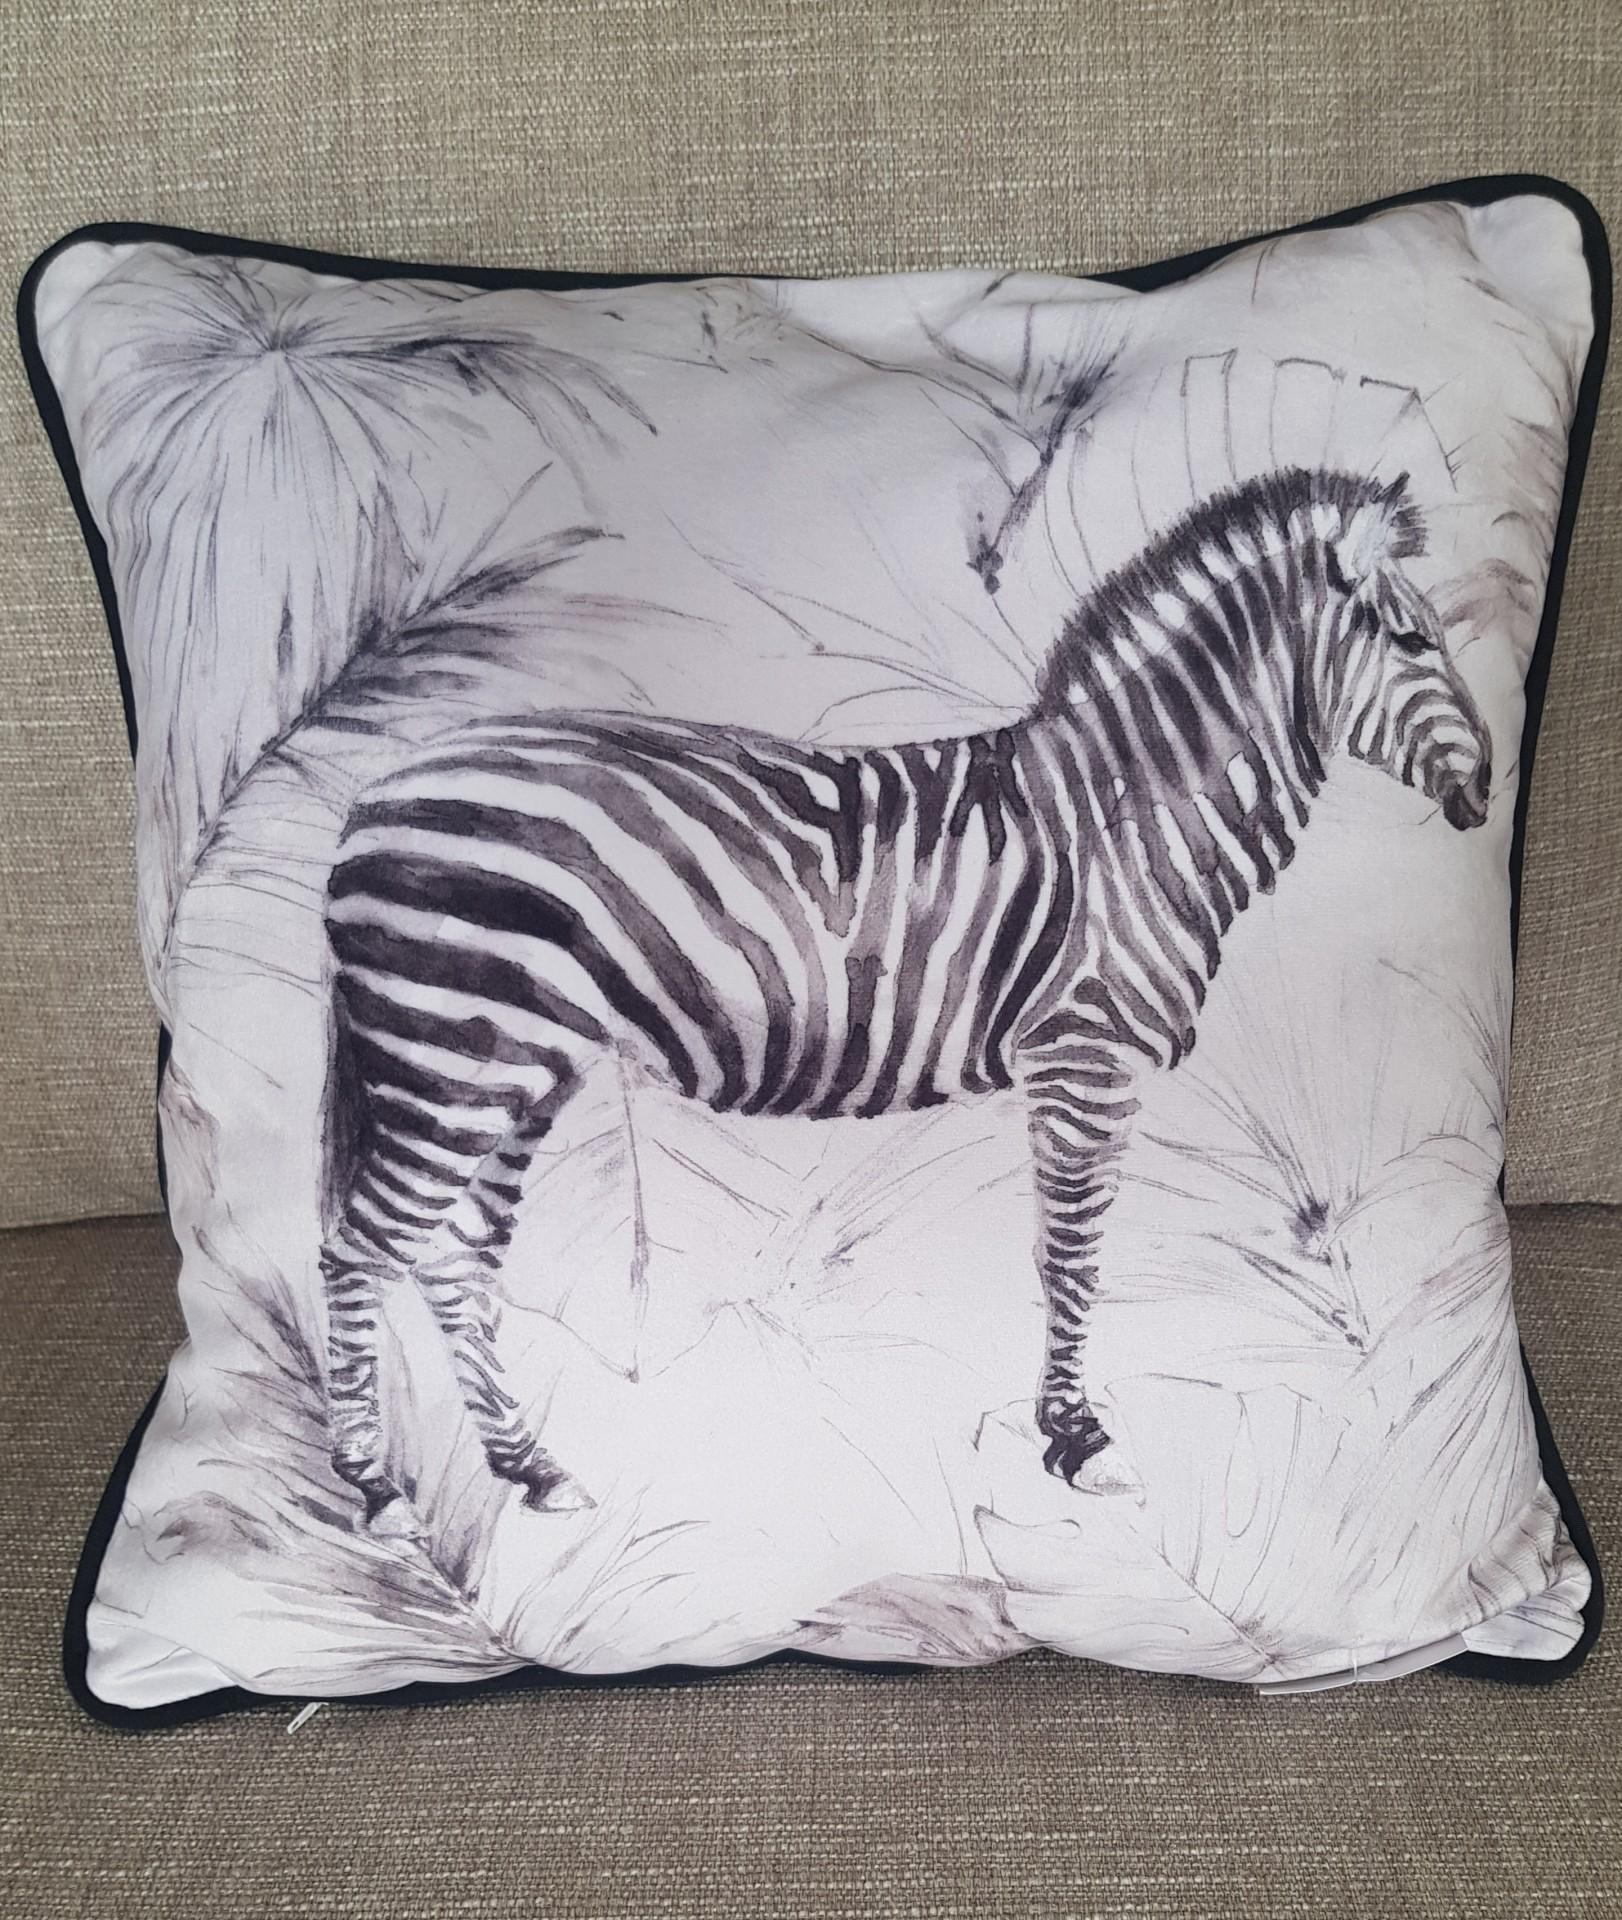 Almofada veludo estampado  Zebra preto e branco 45*45cms